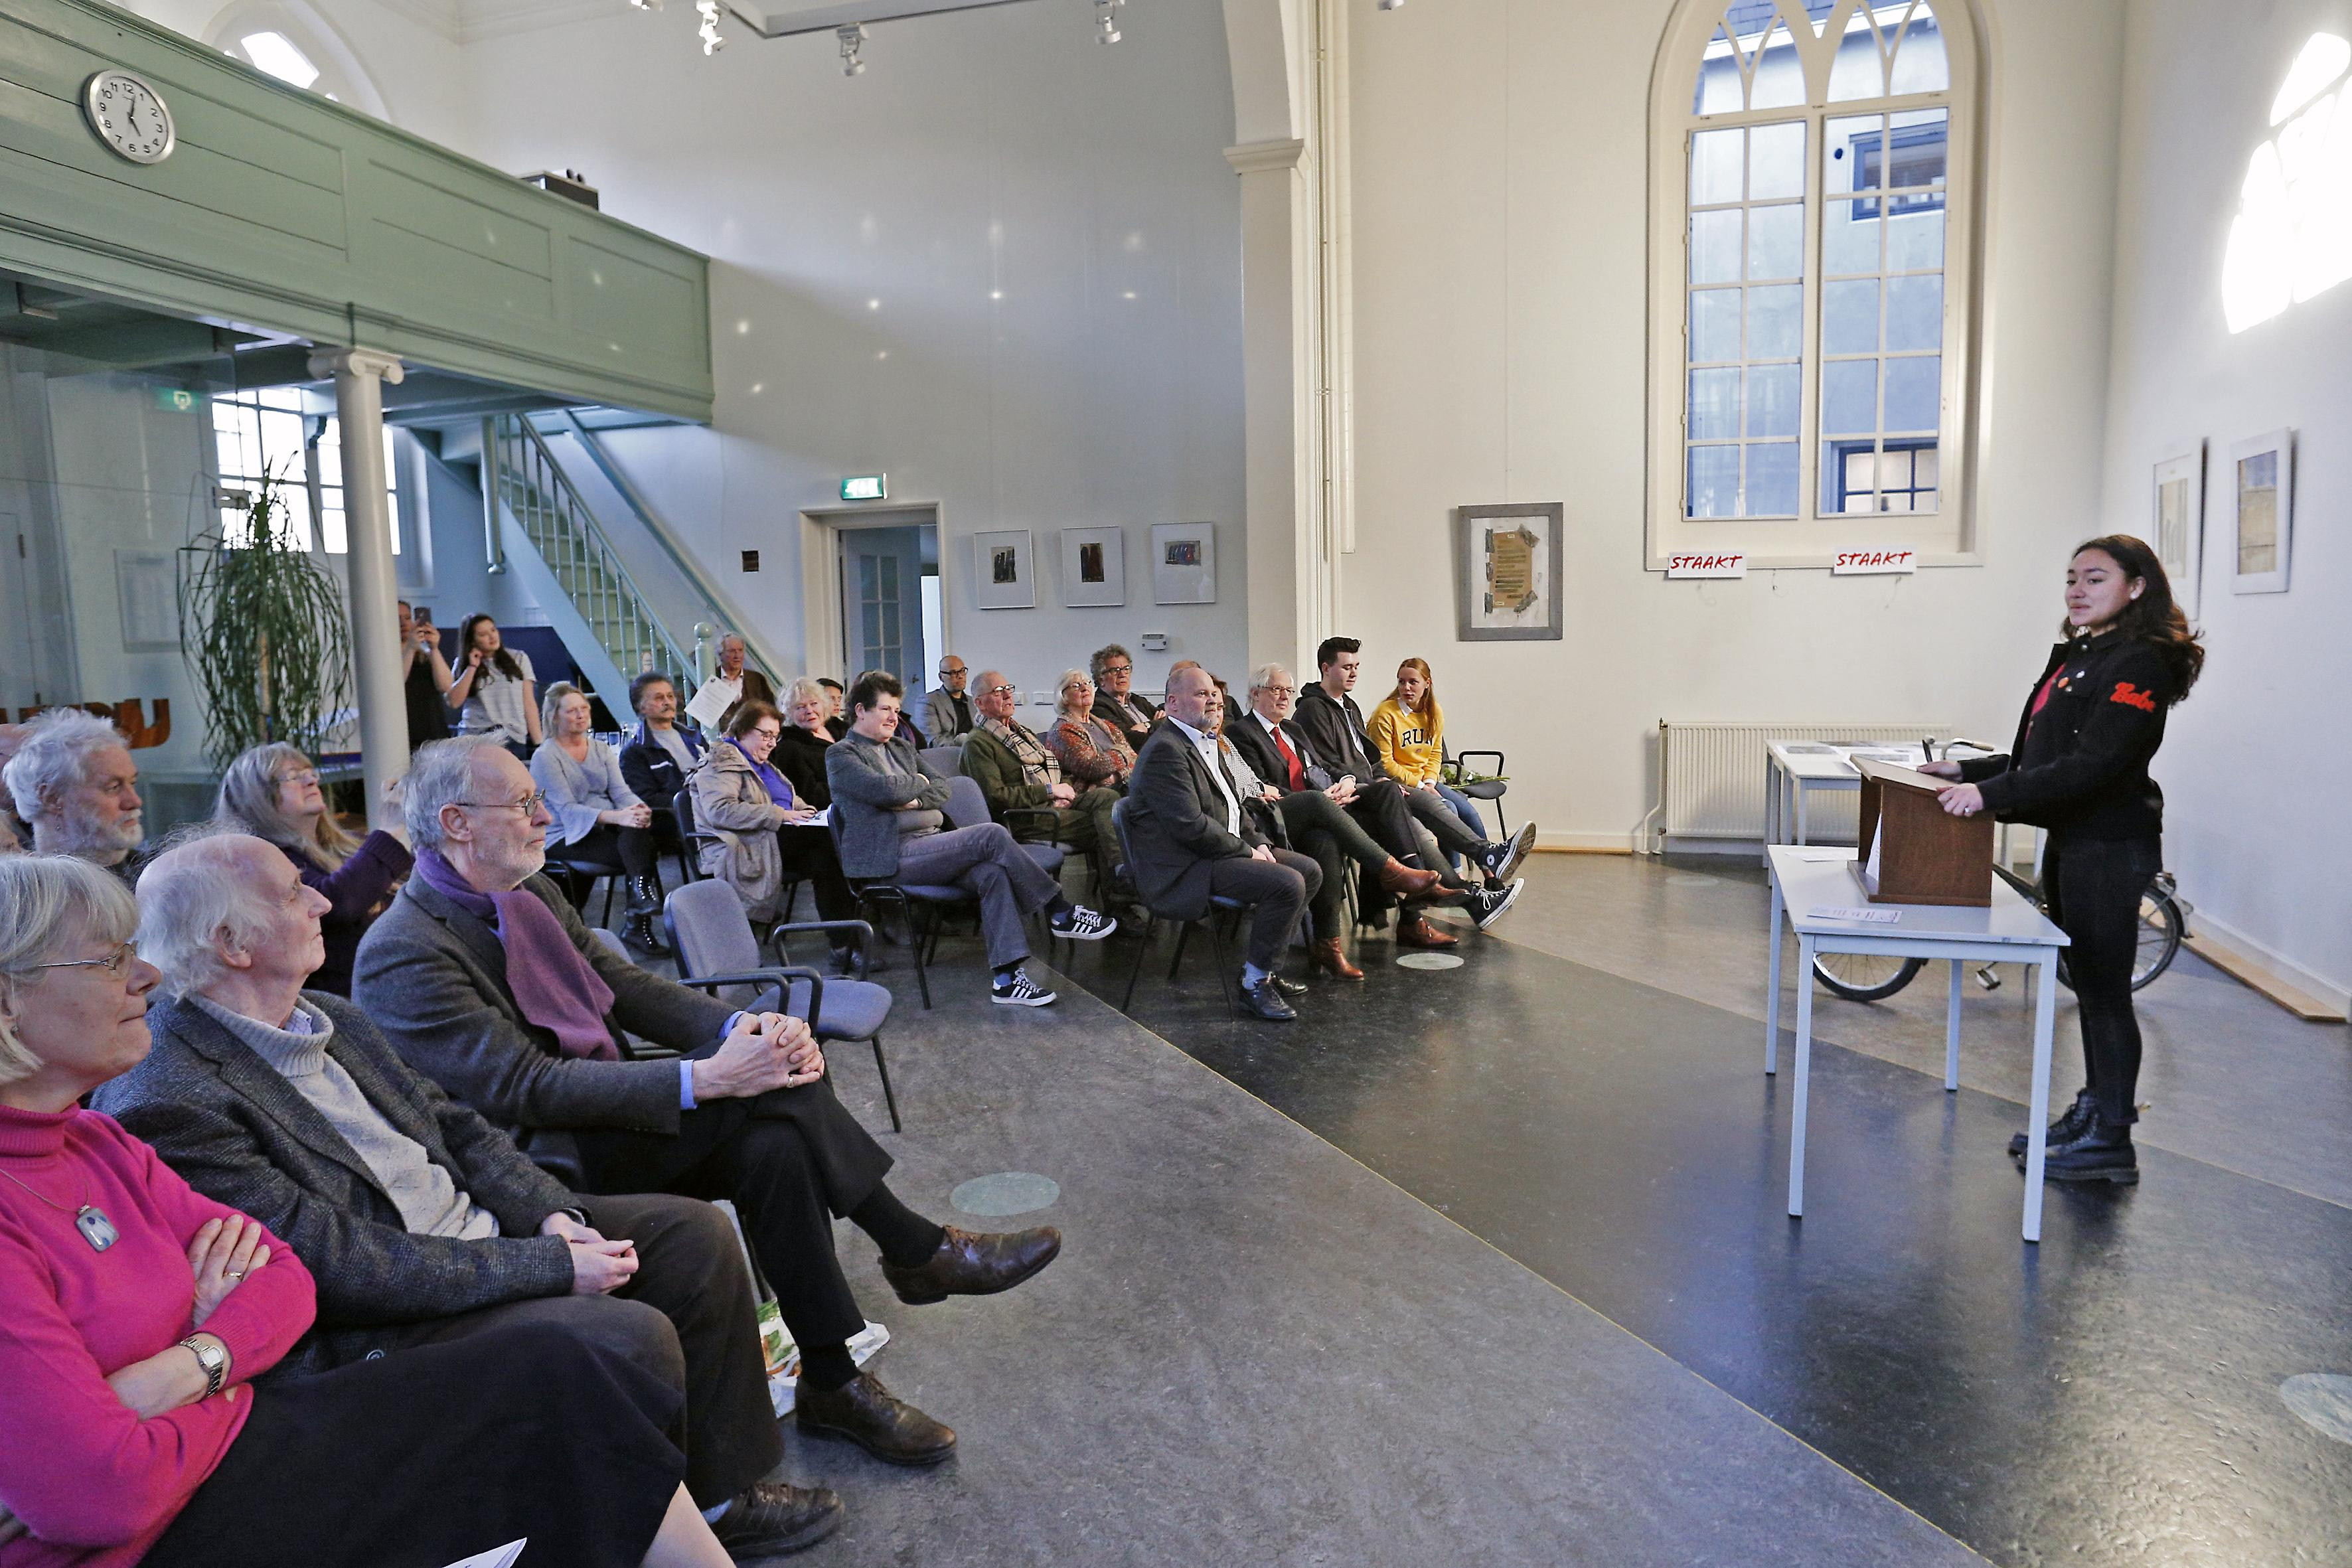 Vanwege corona dit jaar geen herdenking van Februaristaking in synagoge van Weesp; bijeenkomst 'geadopteerd' door leerlingen Vechtstede College